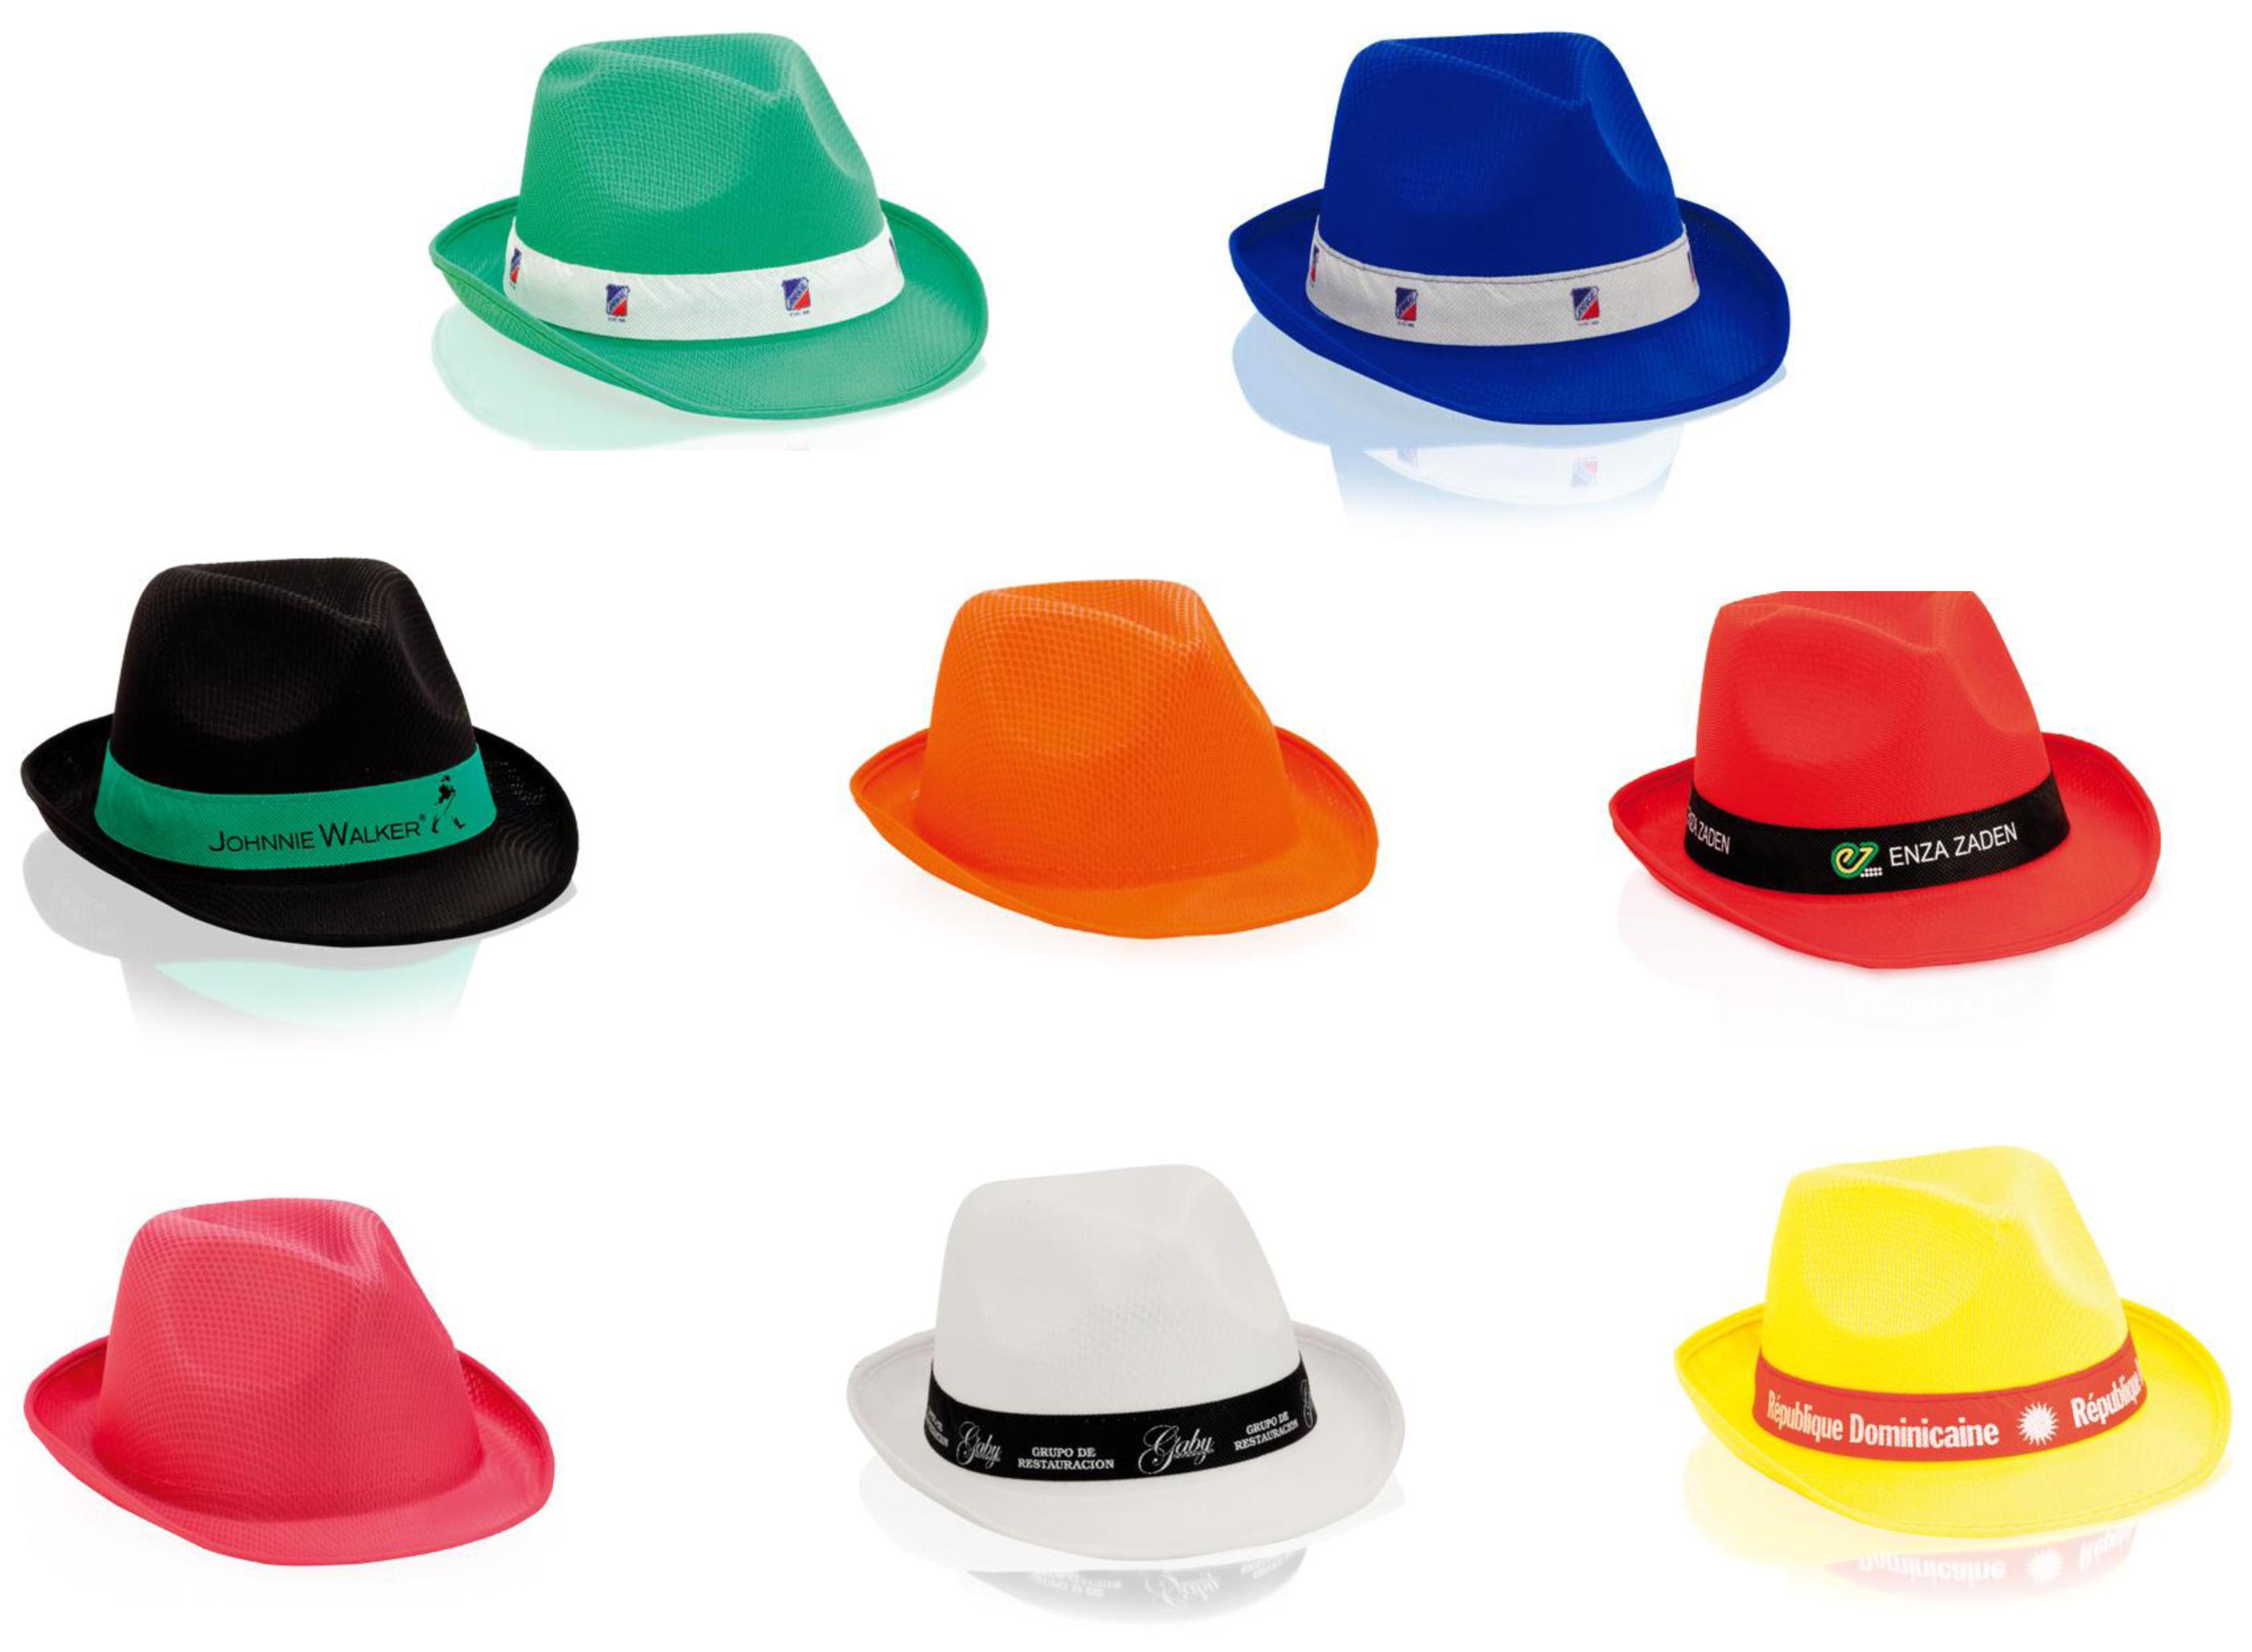 Personnaliser les chapeaux avec votre propre logo